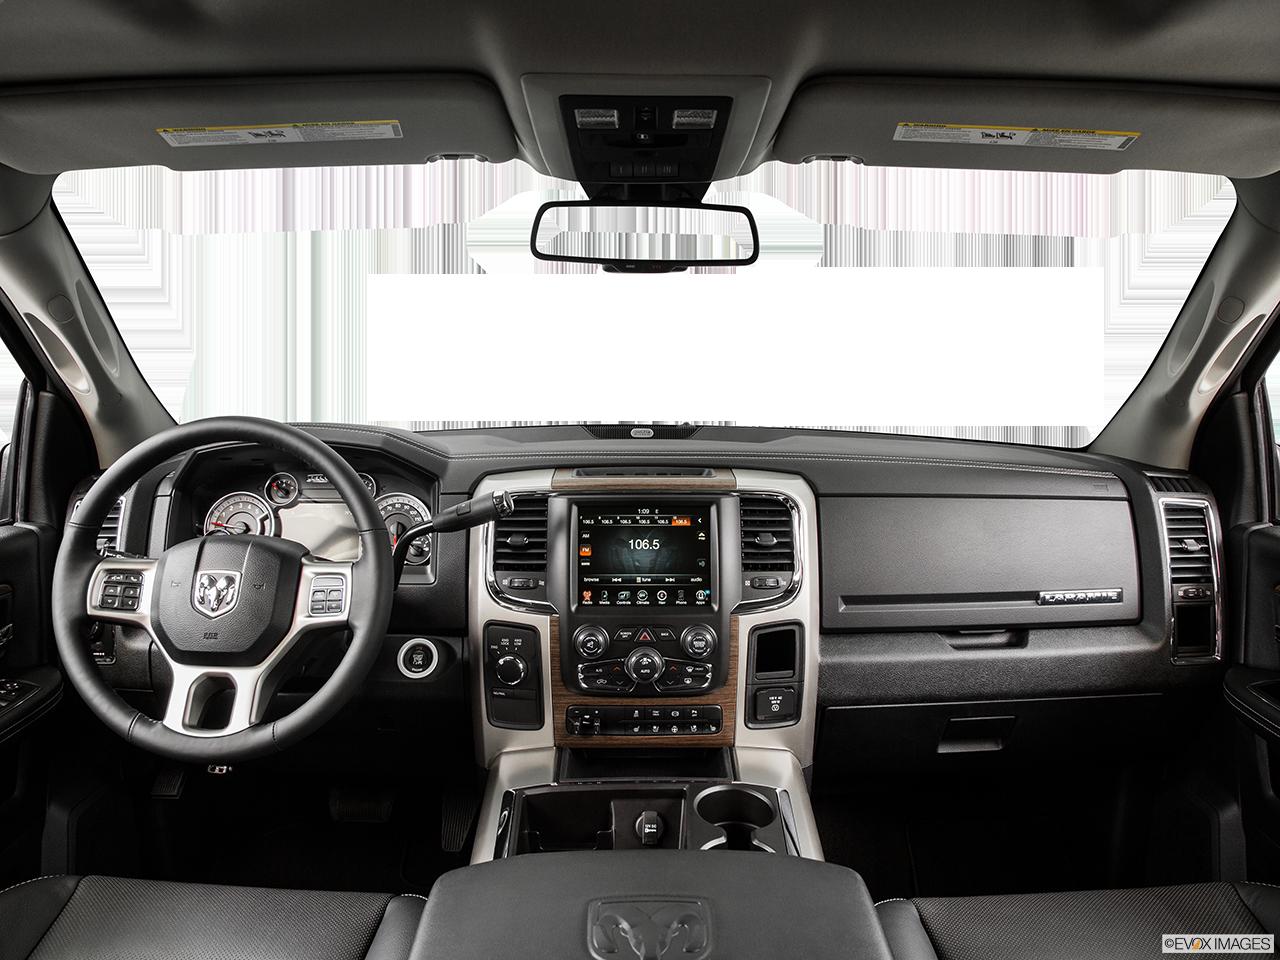 2001 Dodge Ram Interior Parts